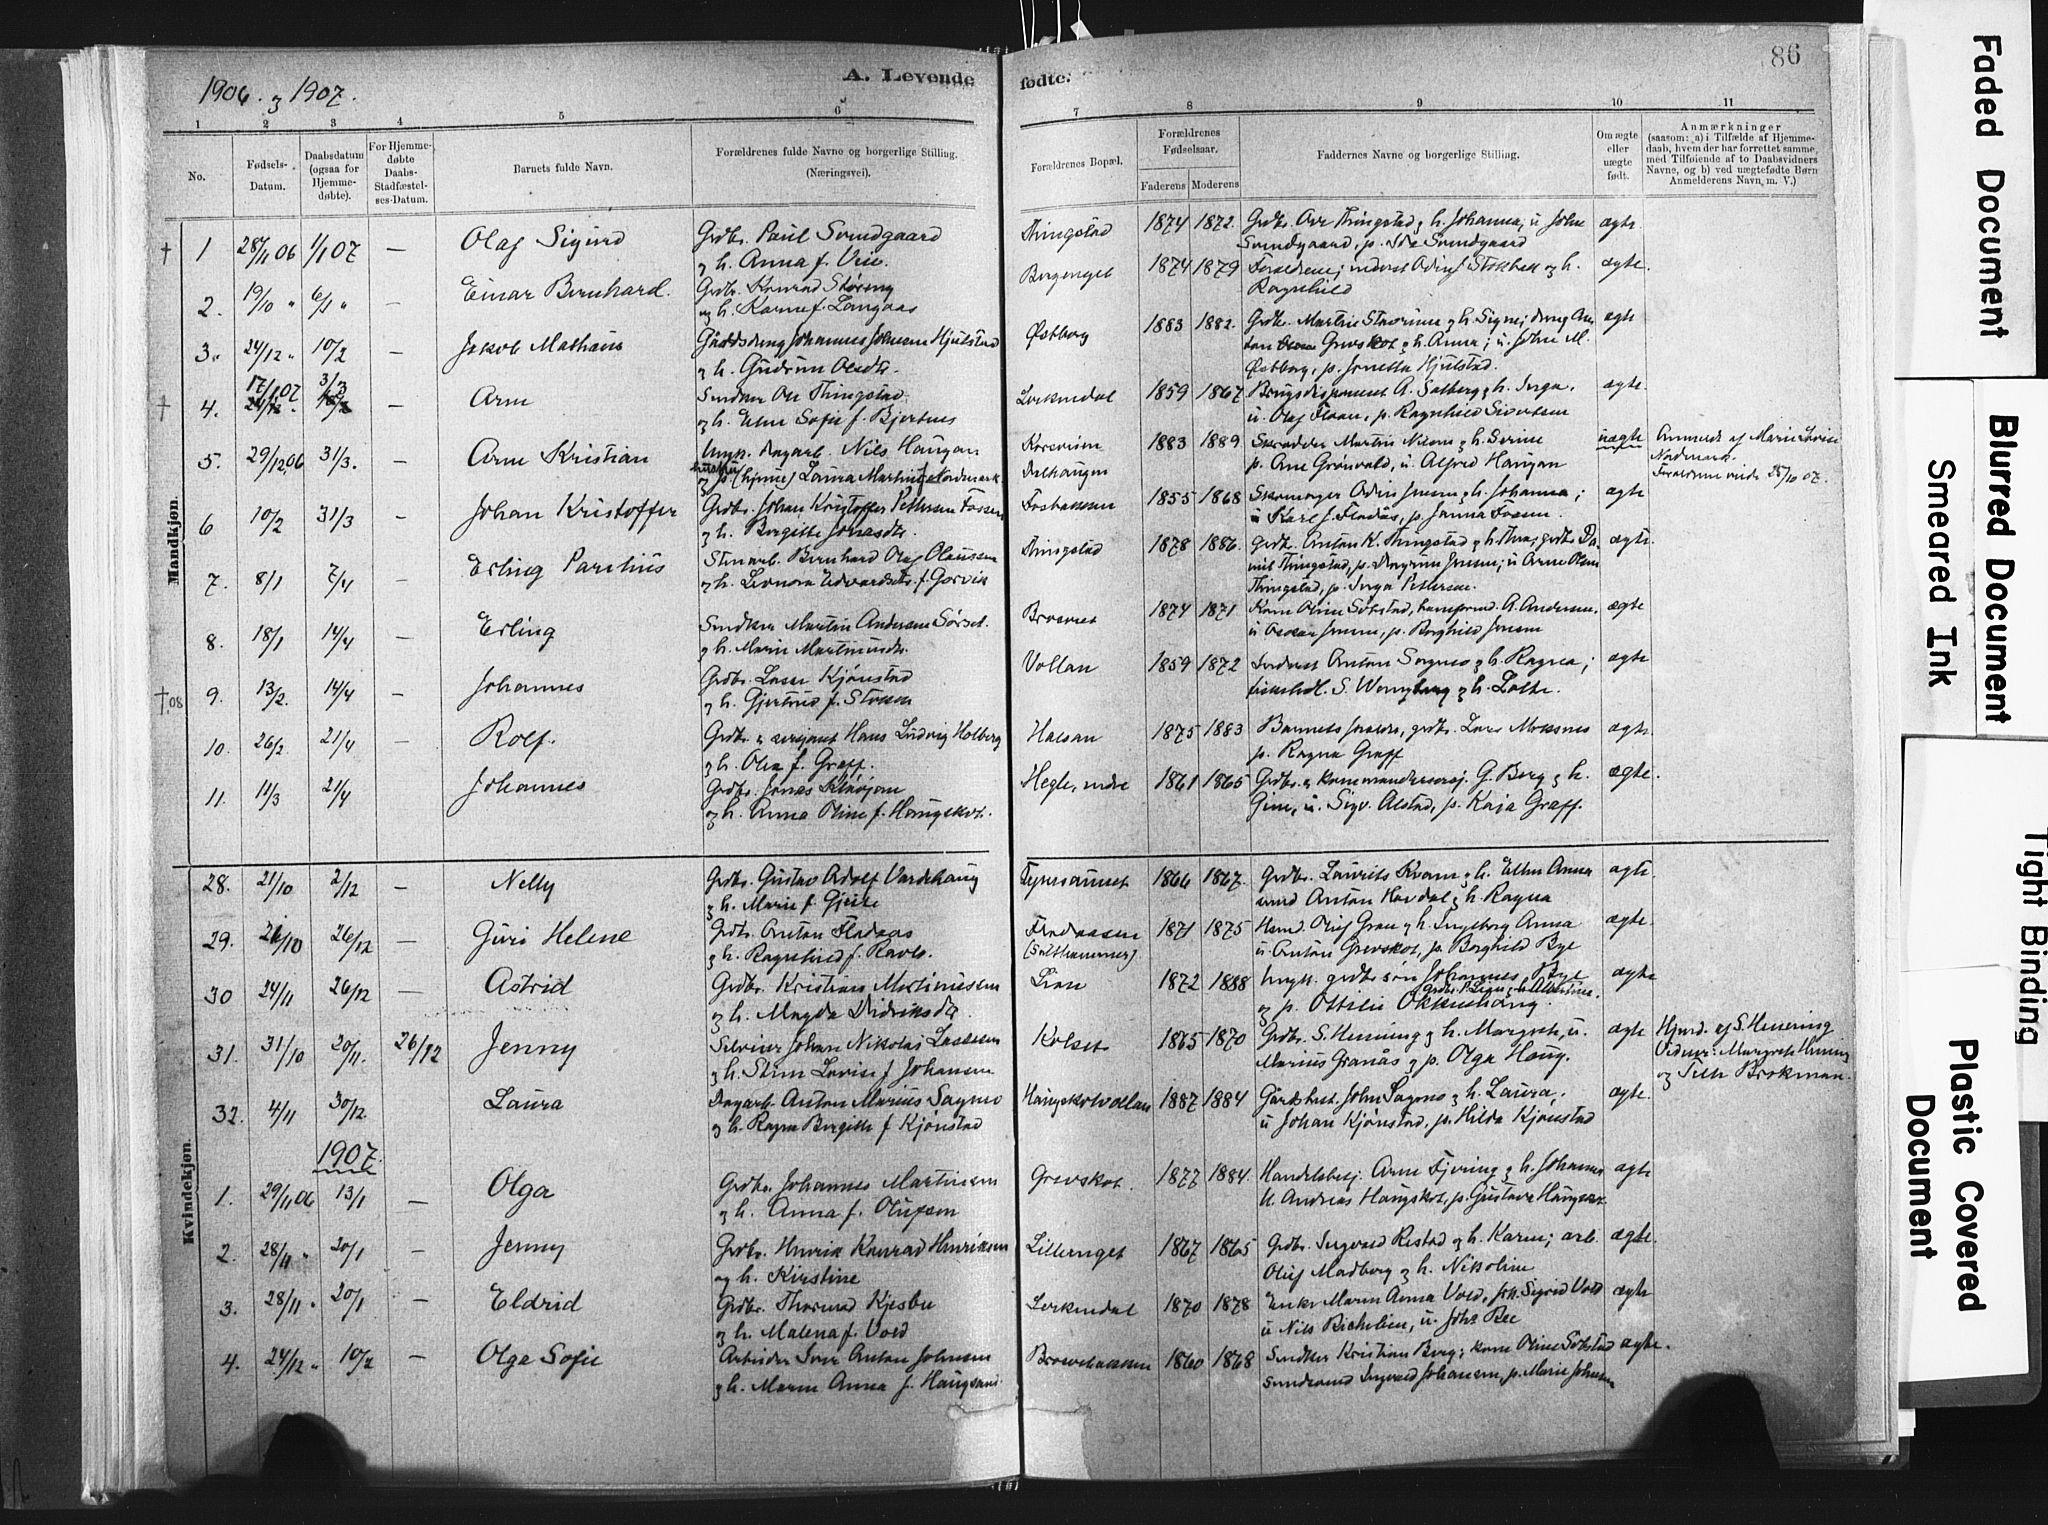 SAT, Ministerialprotokoller, klokkerbøker og fødselsregistre - Nord-Trøndelag, 721/L0207: Ministerialbok nr. 721A02, 1880-1911, s. 86